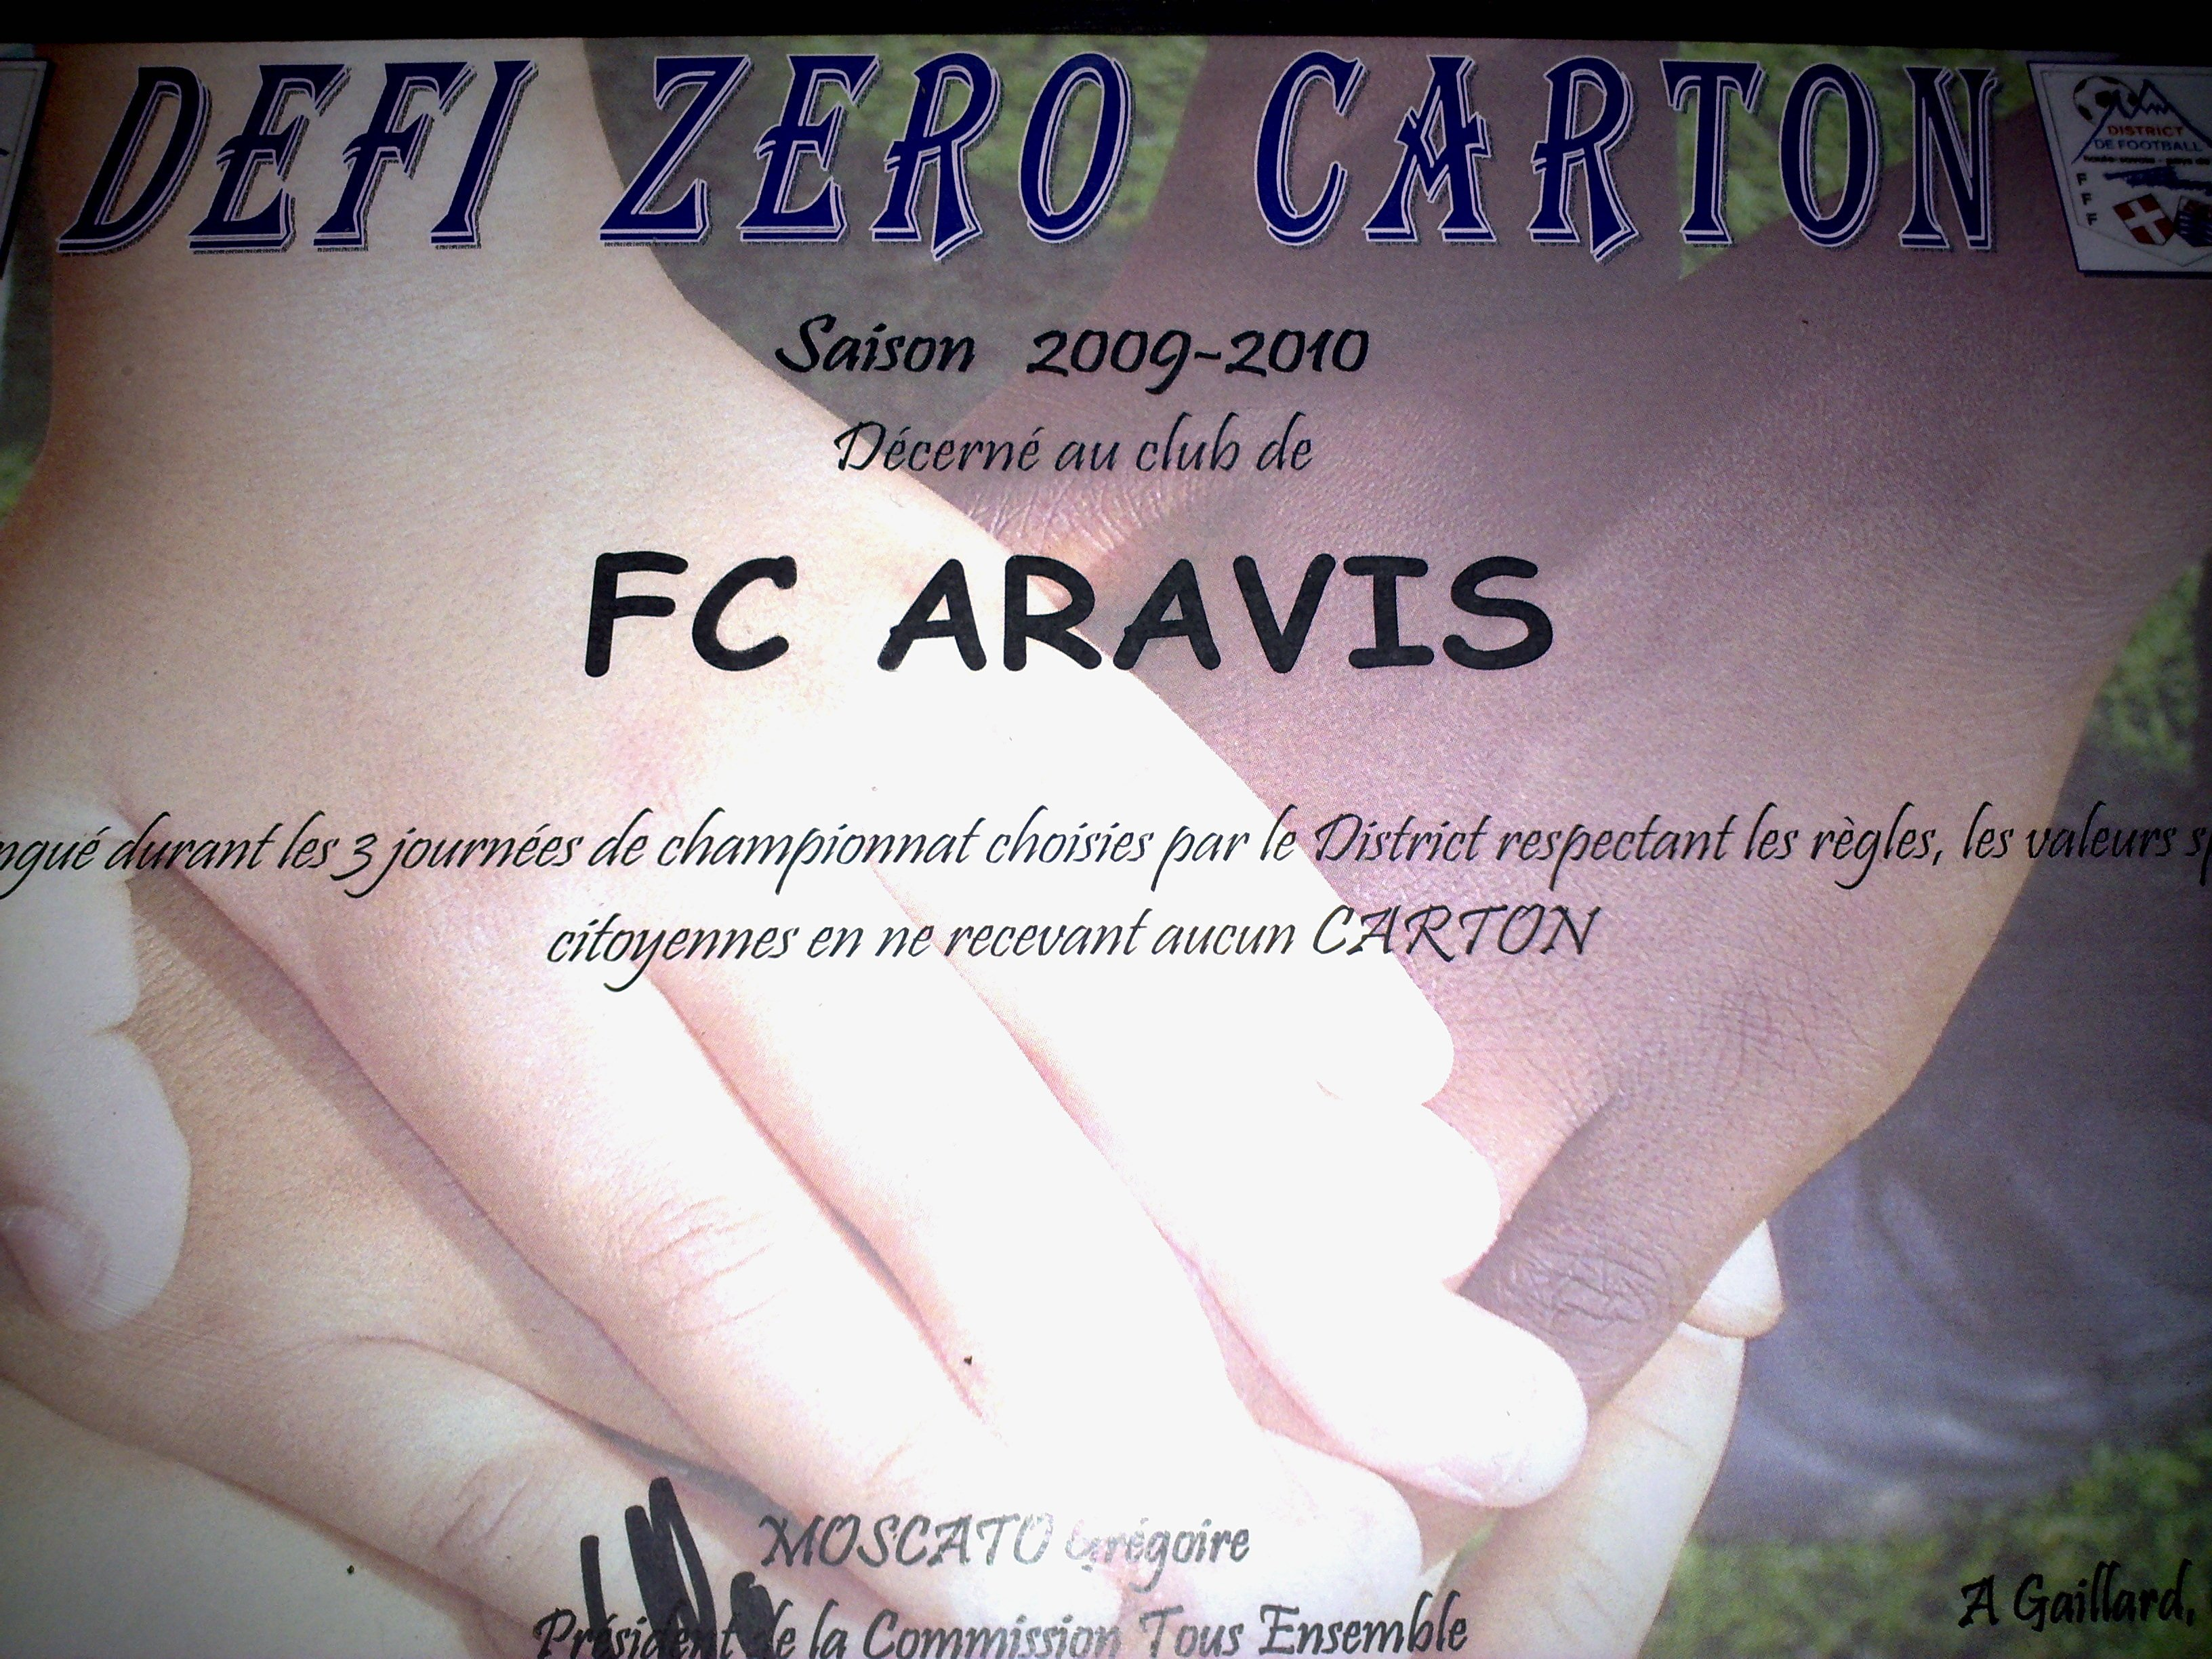 Défi Zéro Carton 2010